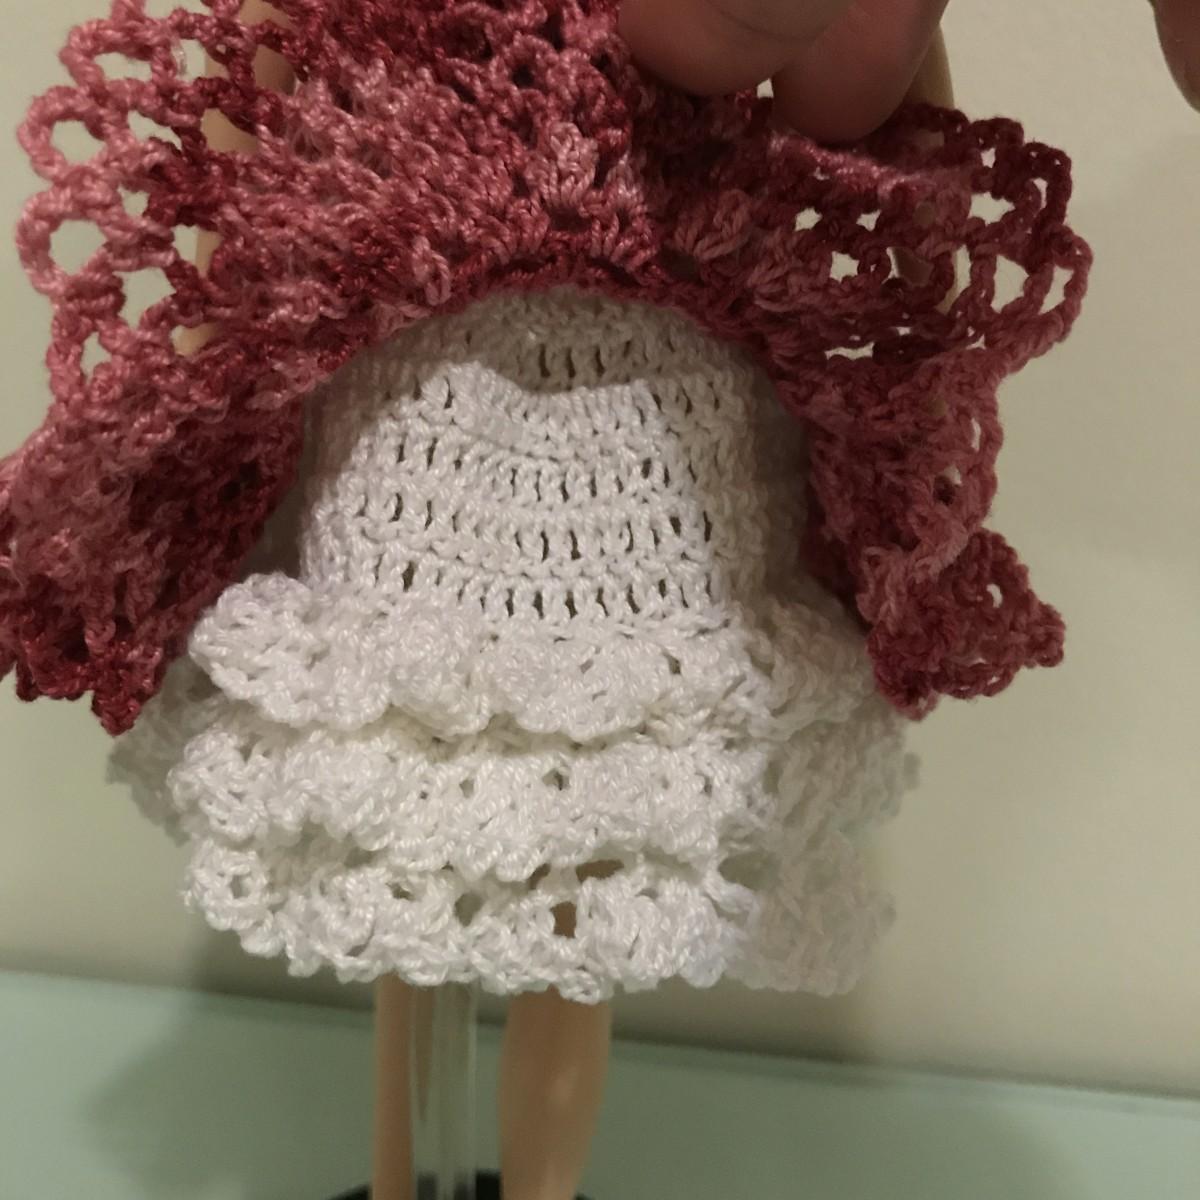 Closer look at the petticoat